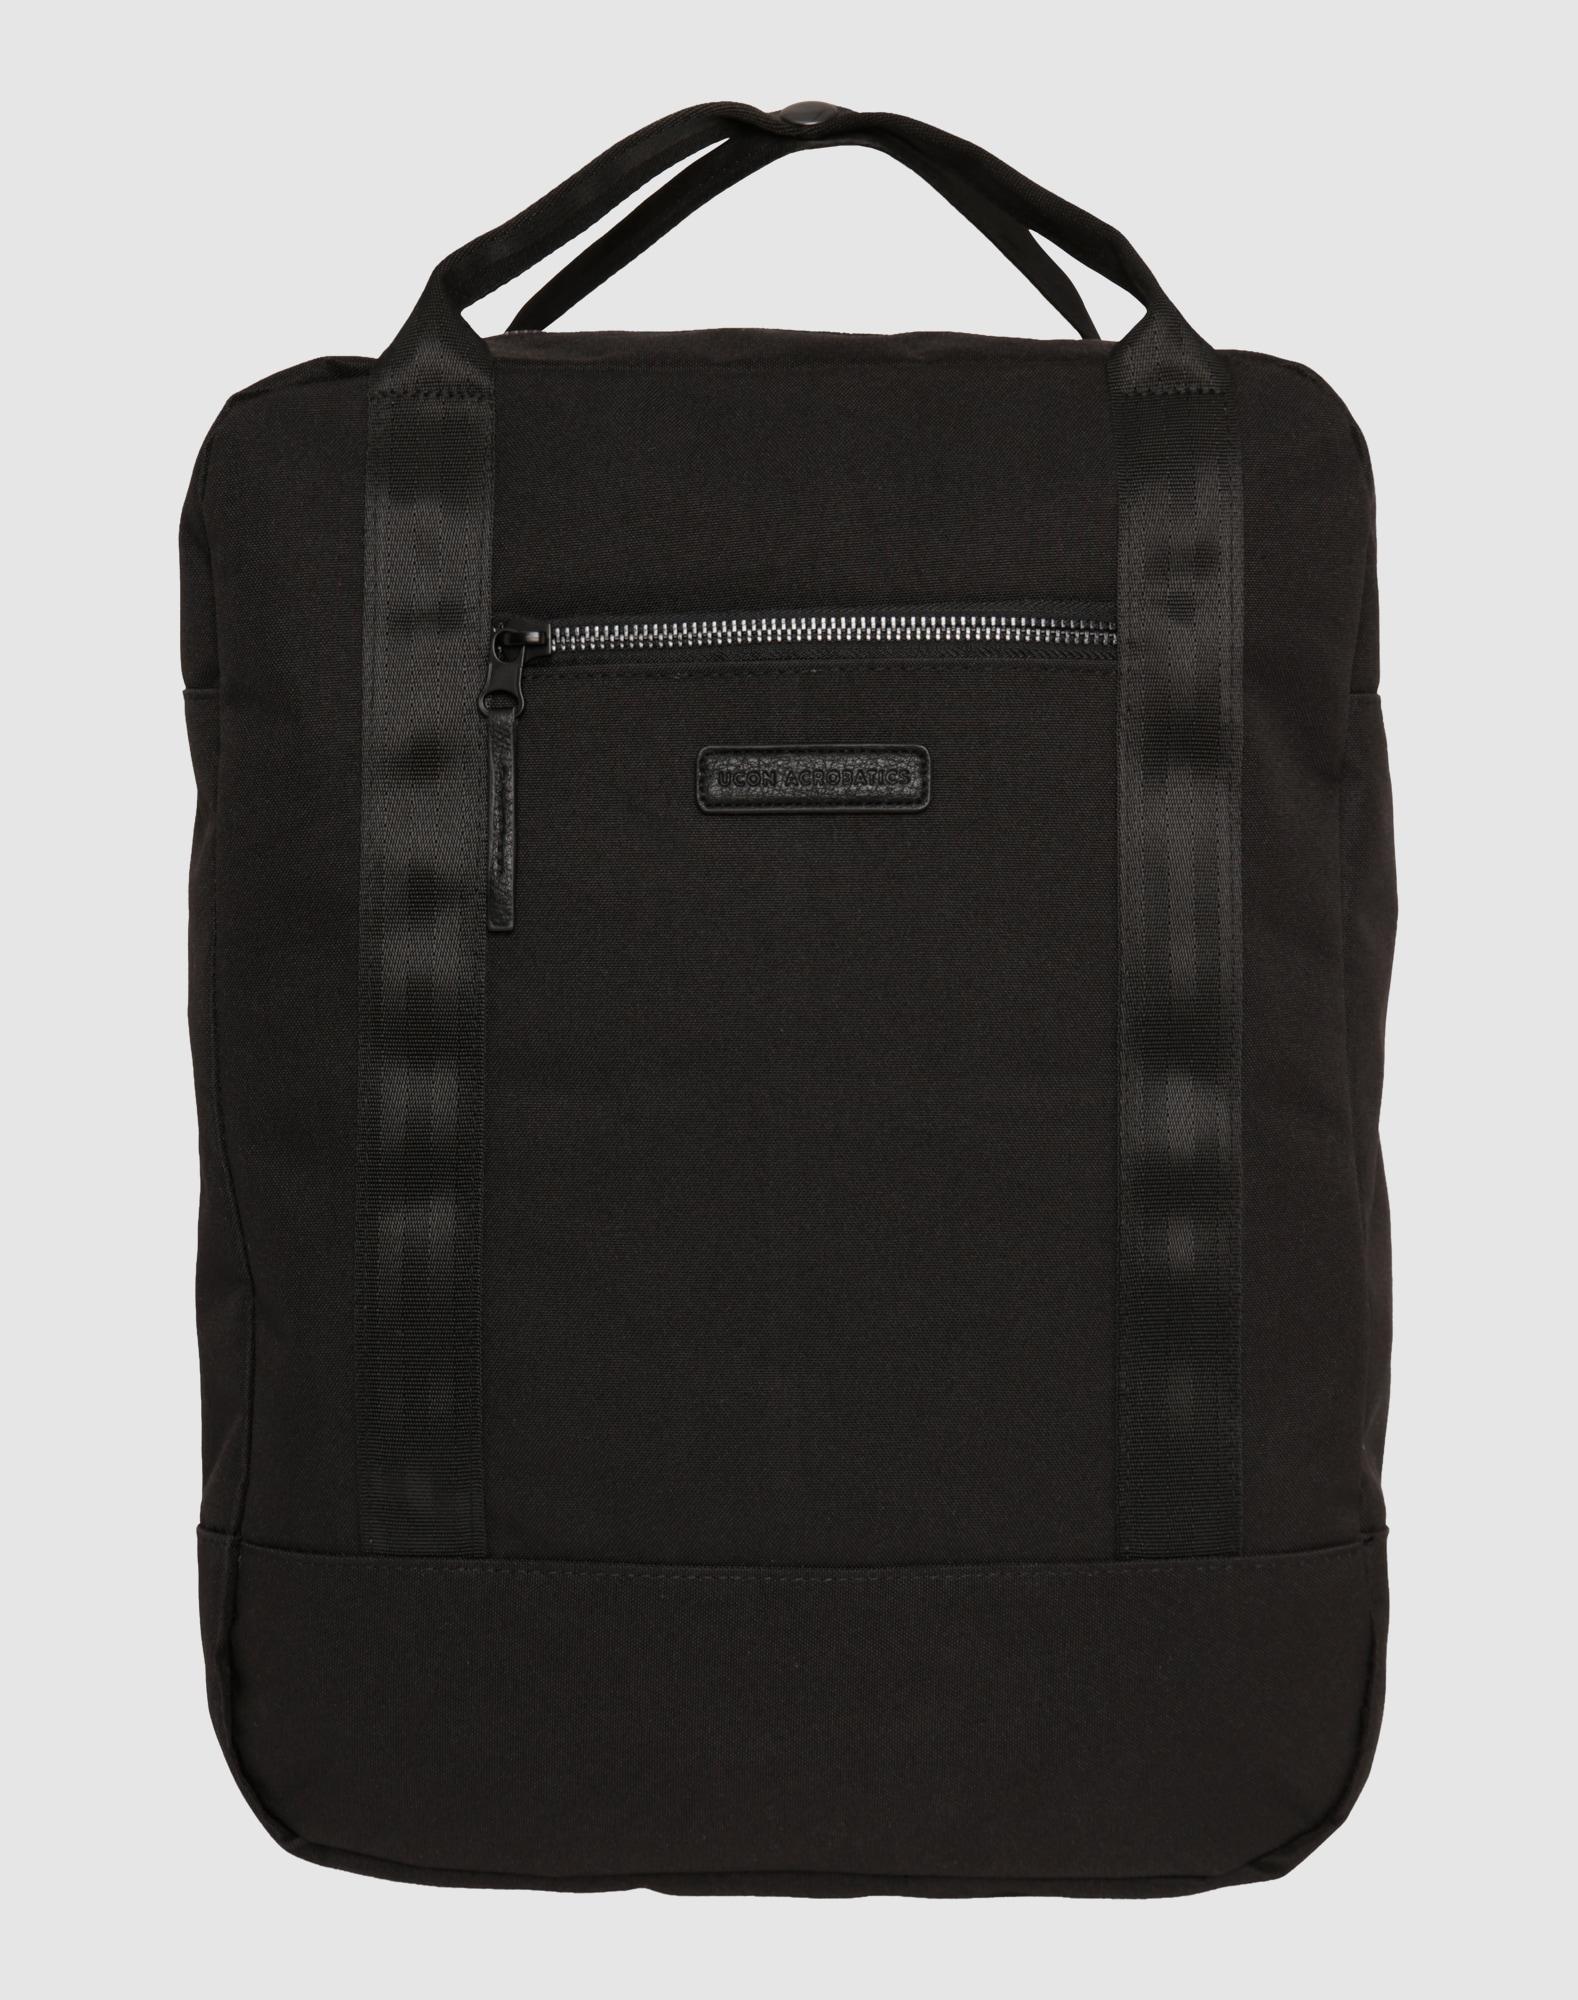 ucon acrobatics rucksack 39 ison 39 in schwarz about you. Black Bedroom Furniture Sets. Home Design Ideas